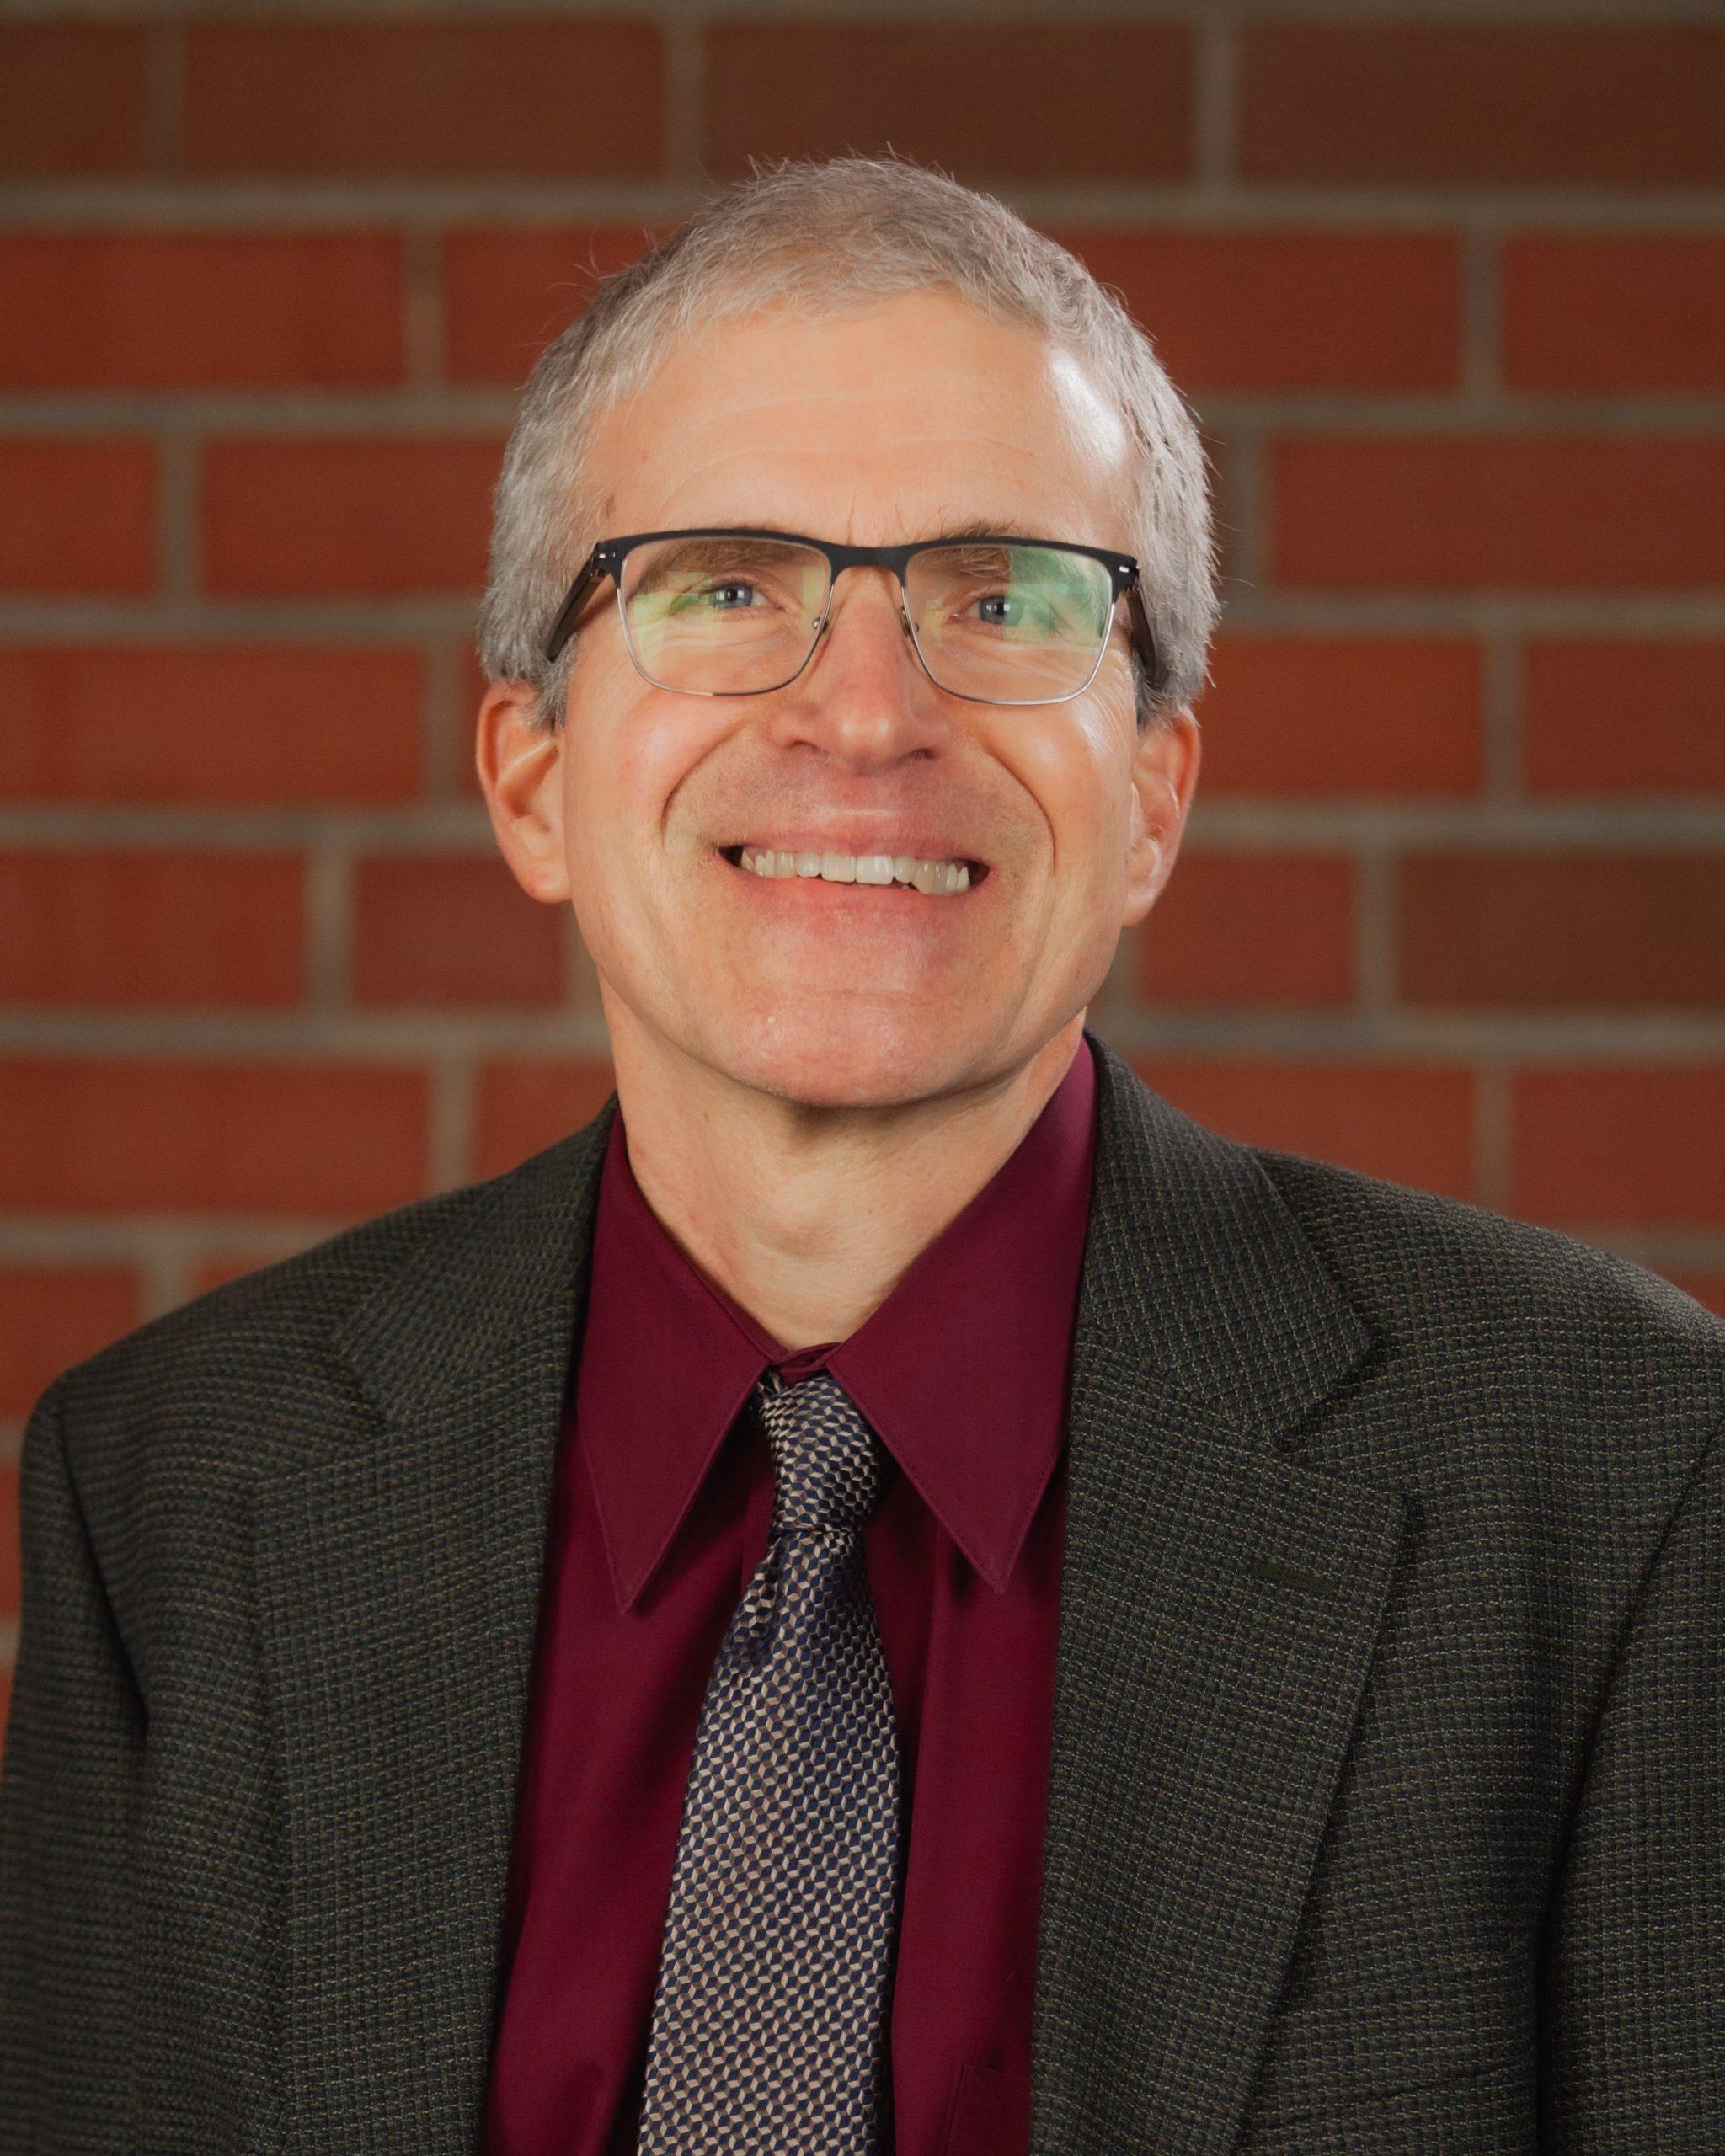 Image of Dr. Kevin Spooner